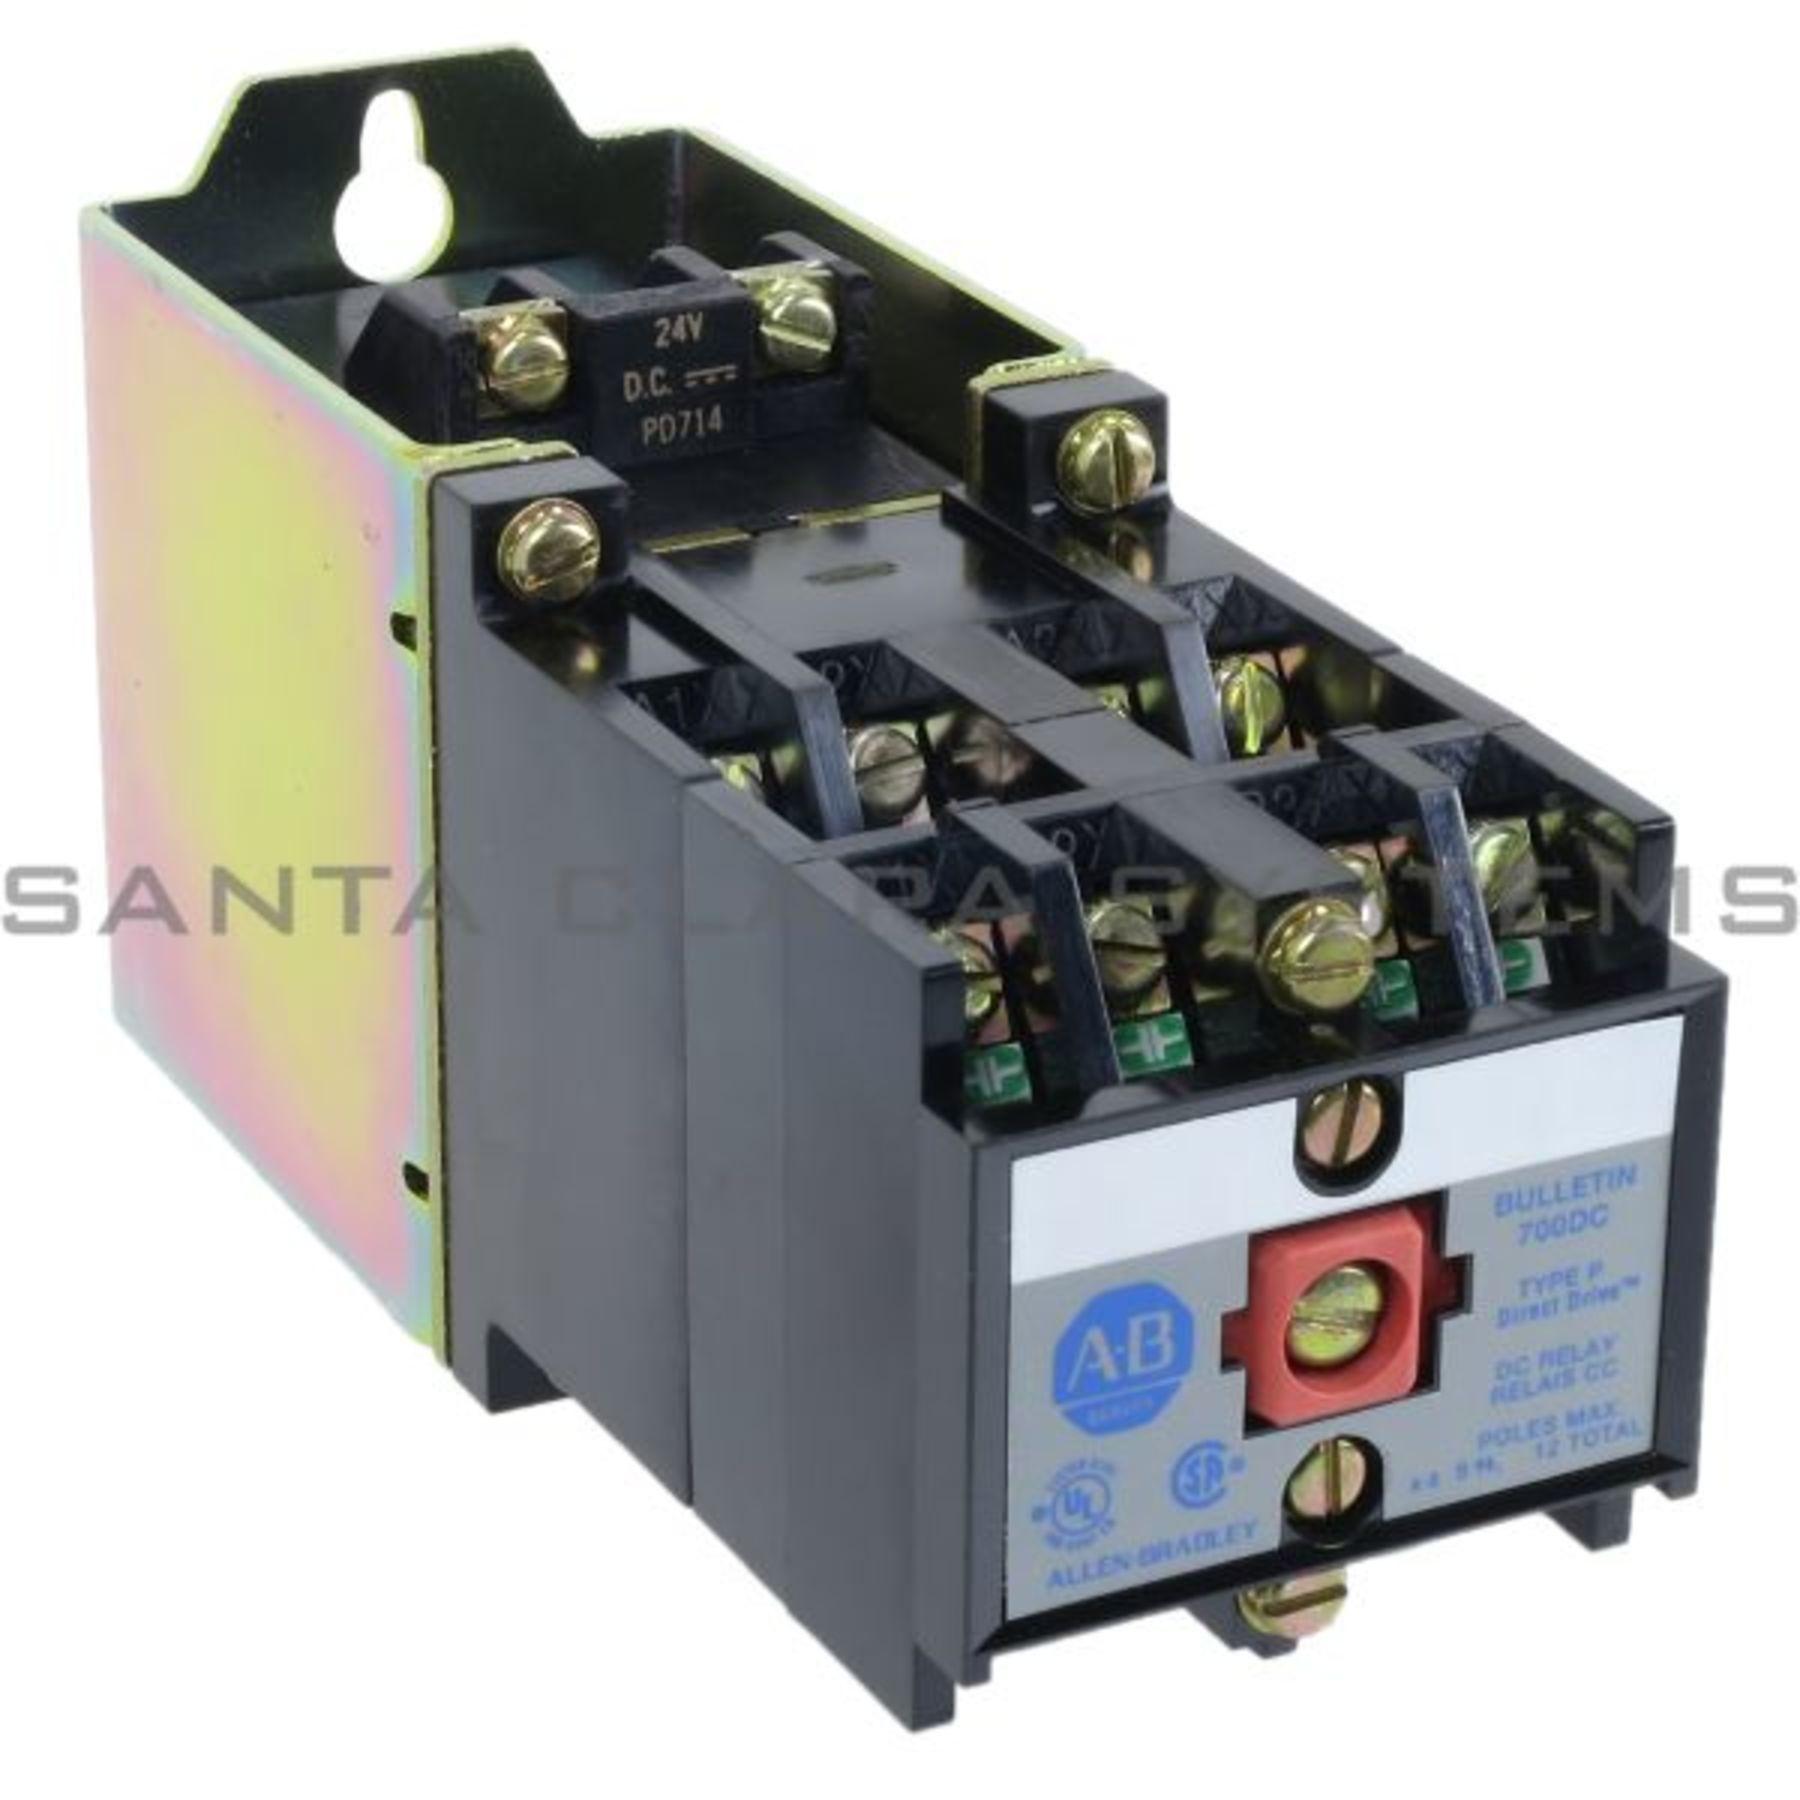 Allen dley Control Relay 700DC-P800Z24 En stock y listos ... on